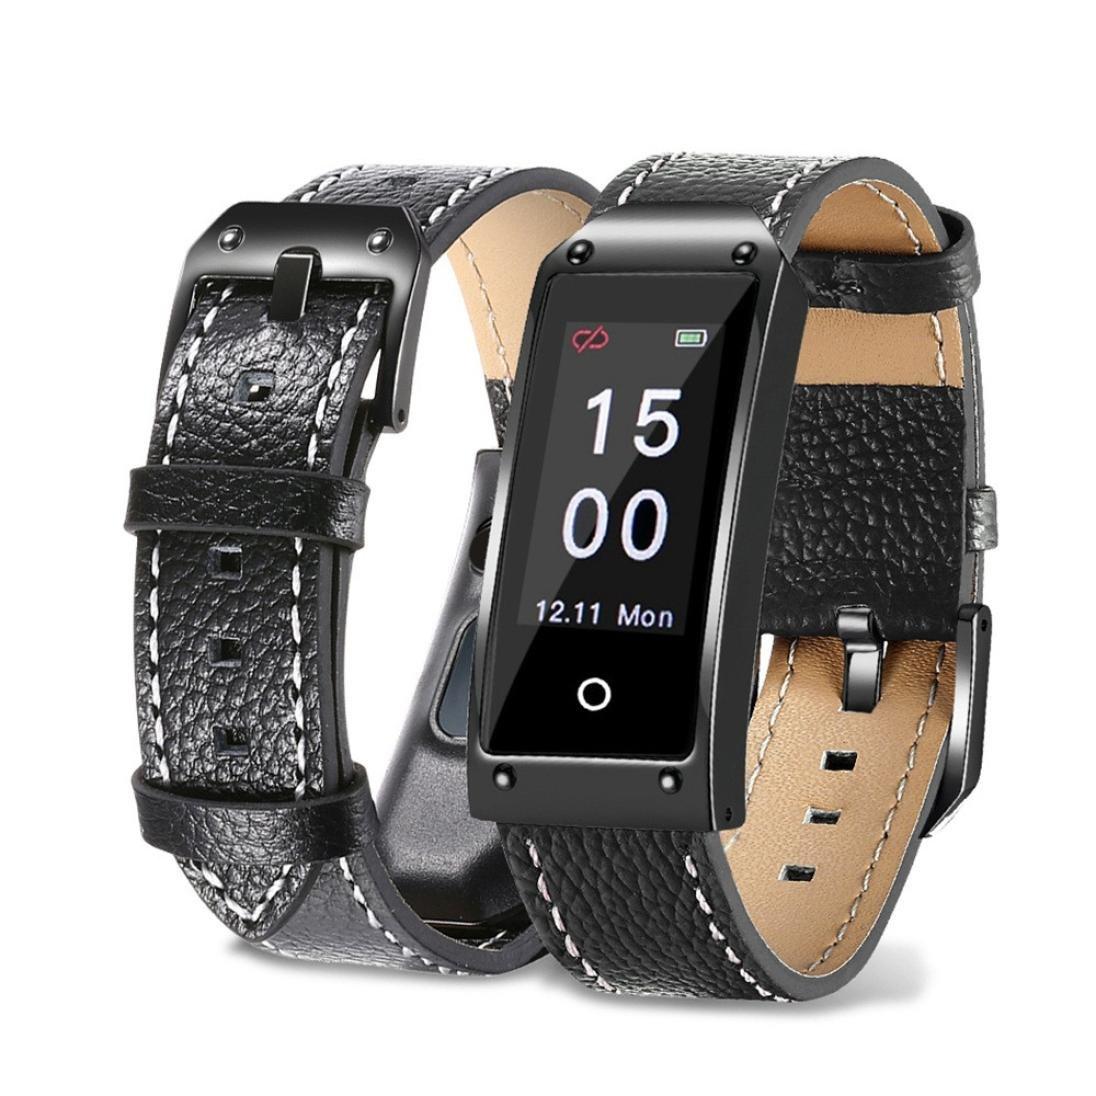 Amazon.com : AutumnFall Smart Watch, Fashion Popular Y2 ...